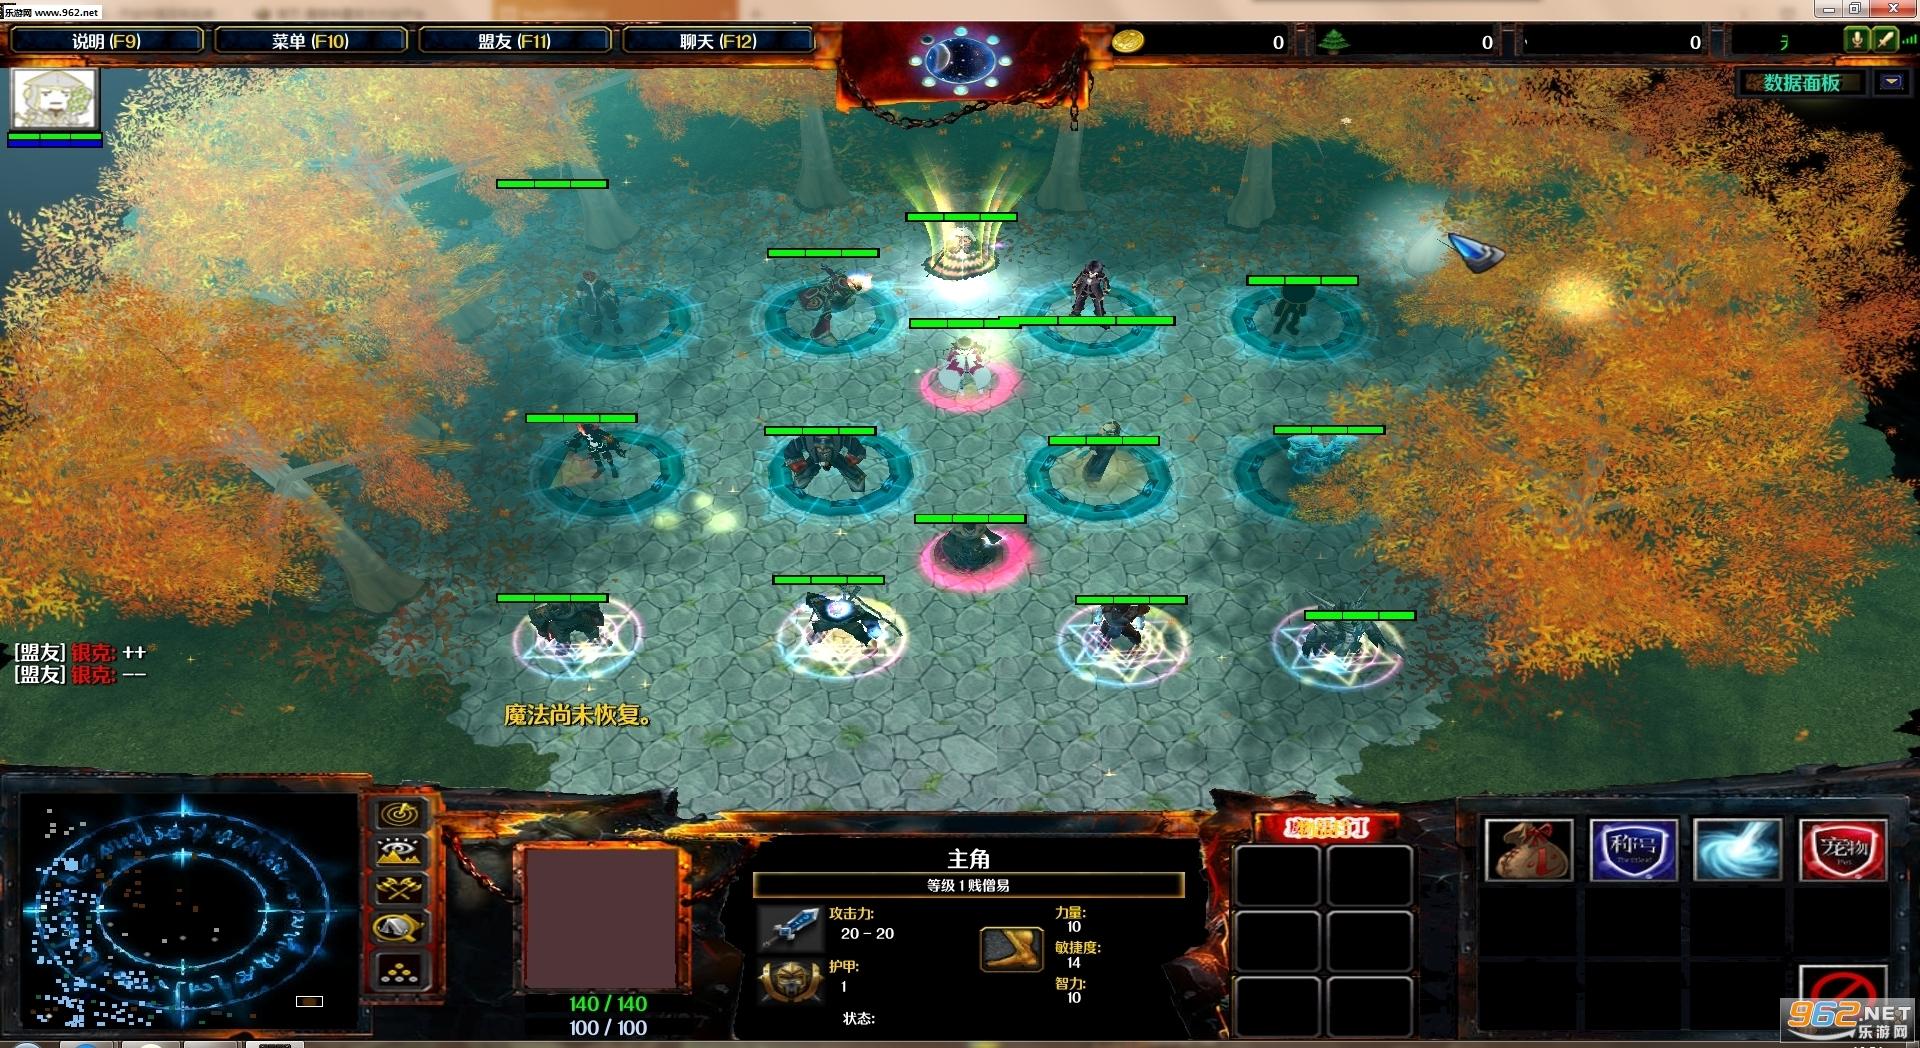 魔兽地图 魔法门v0.3单机版下载(附通关攻略)-乐游网